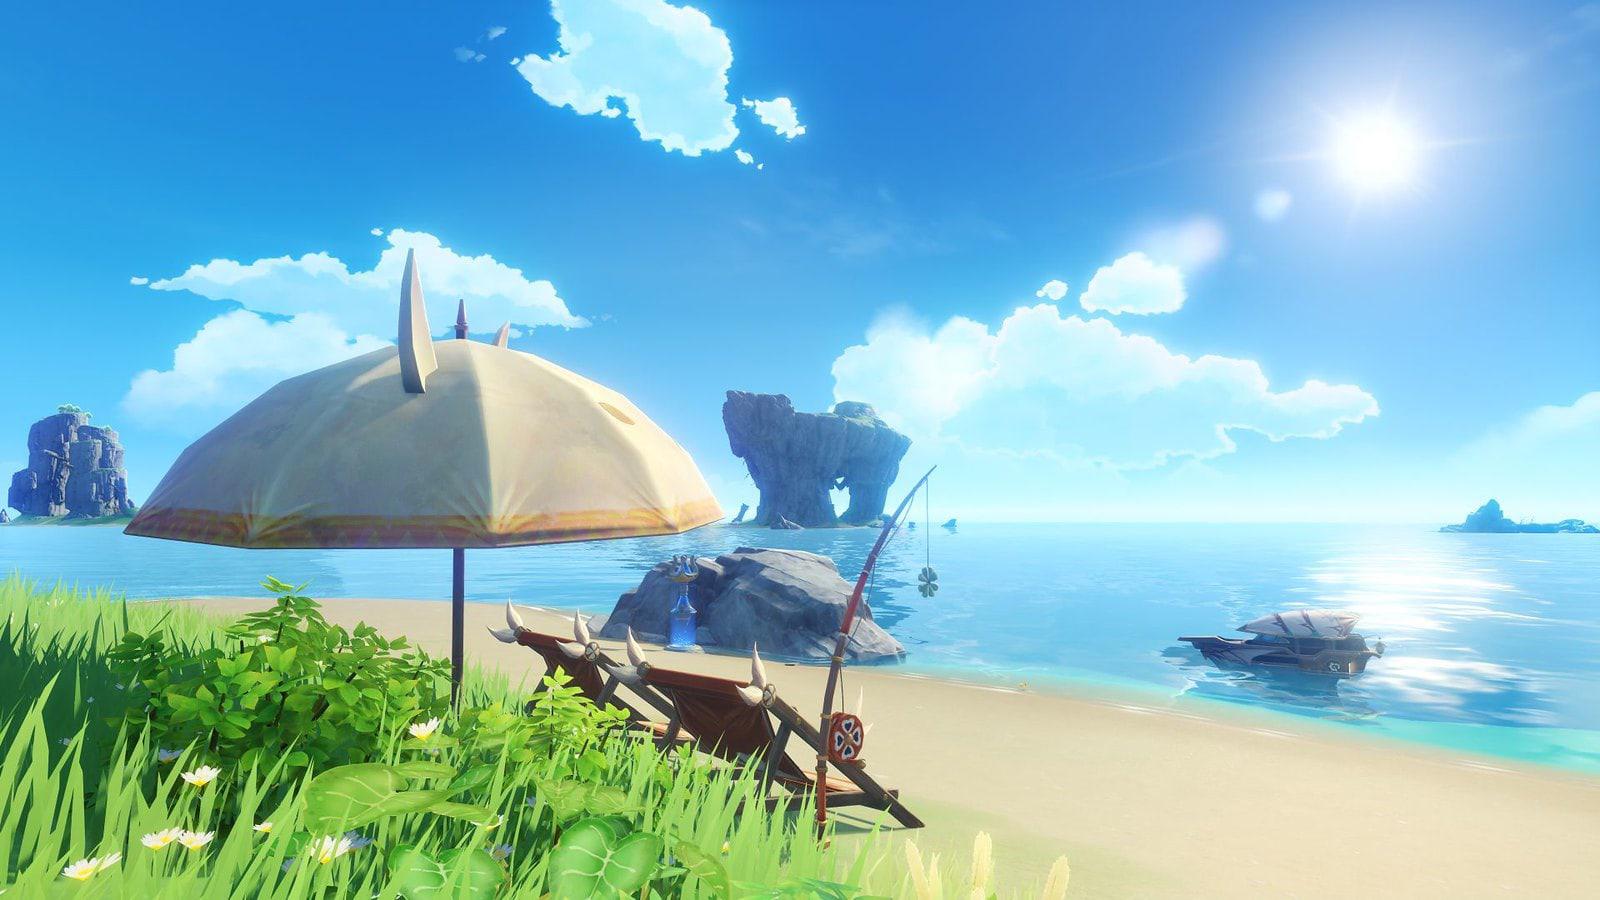 С выходом обновления 1.6 в Genshin Impact начнётся сезонное событие Midsummer Island Adventure